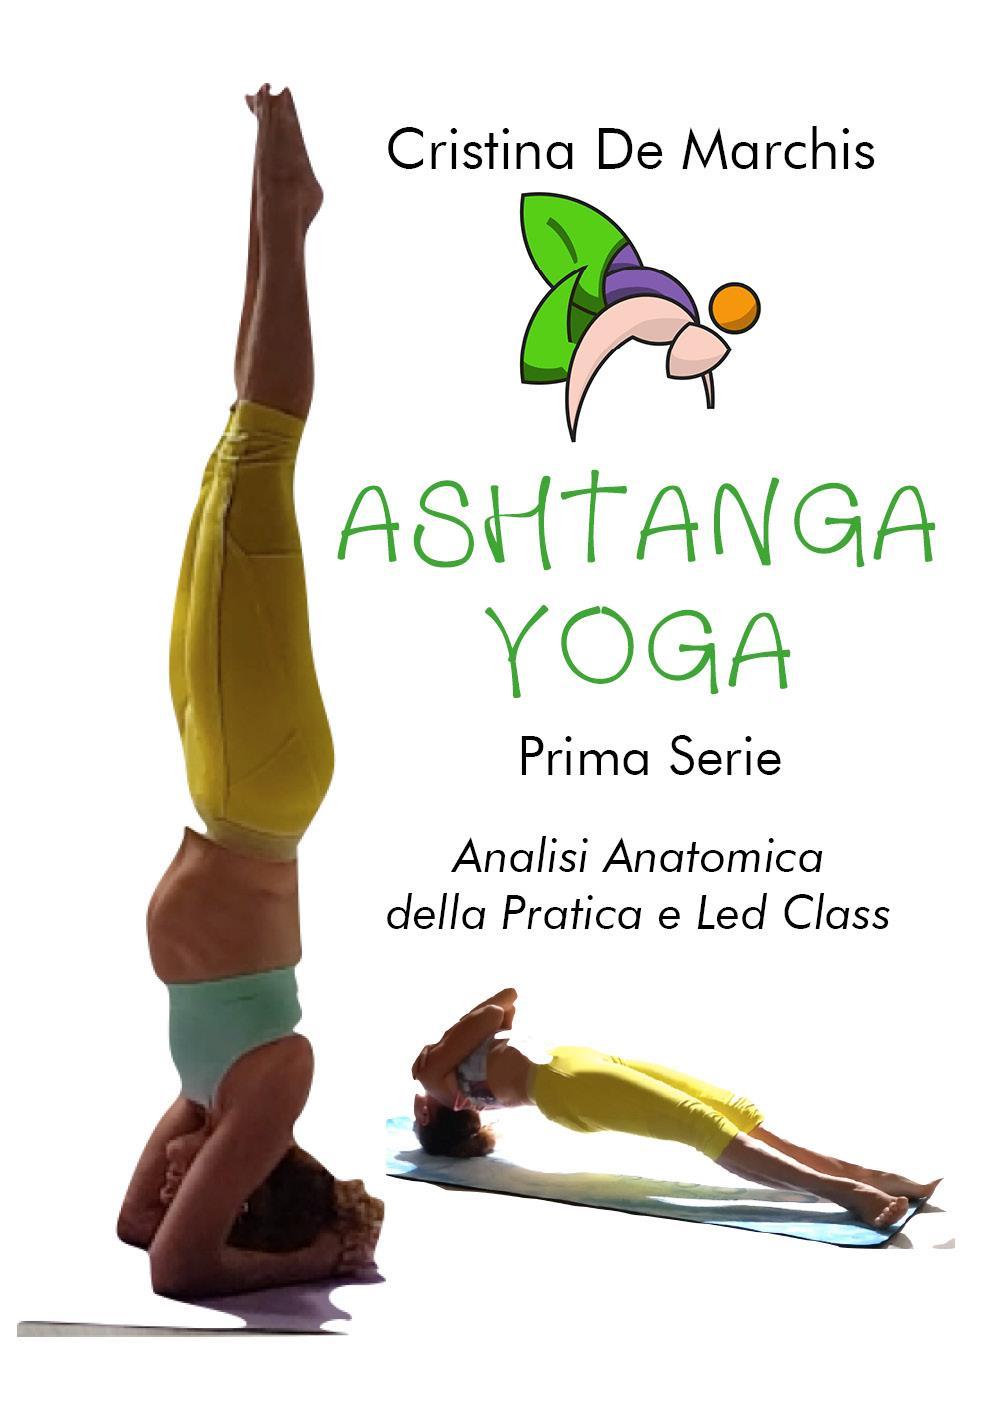 Ashtanga Yoga Prima Serie Analisi Anatomica della Pratica e Led Class